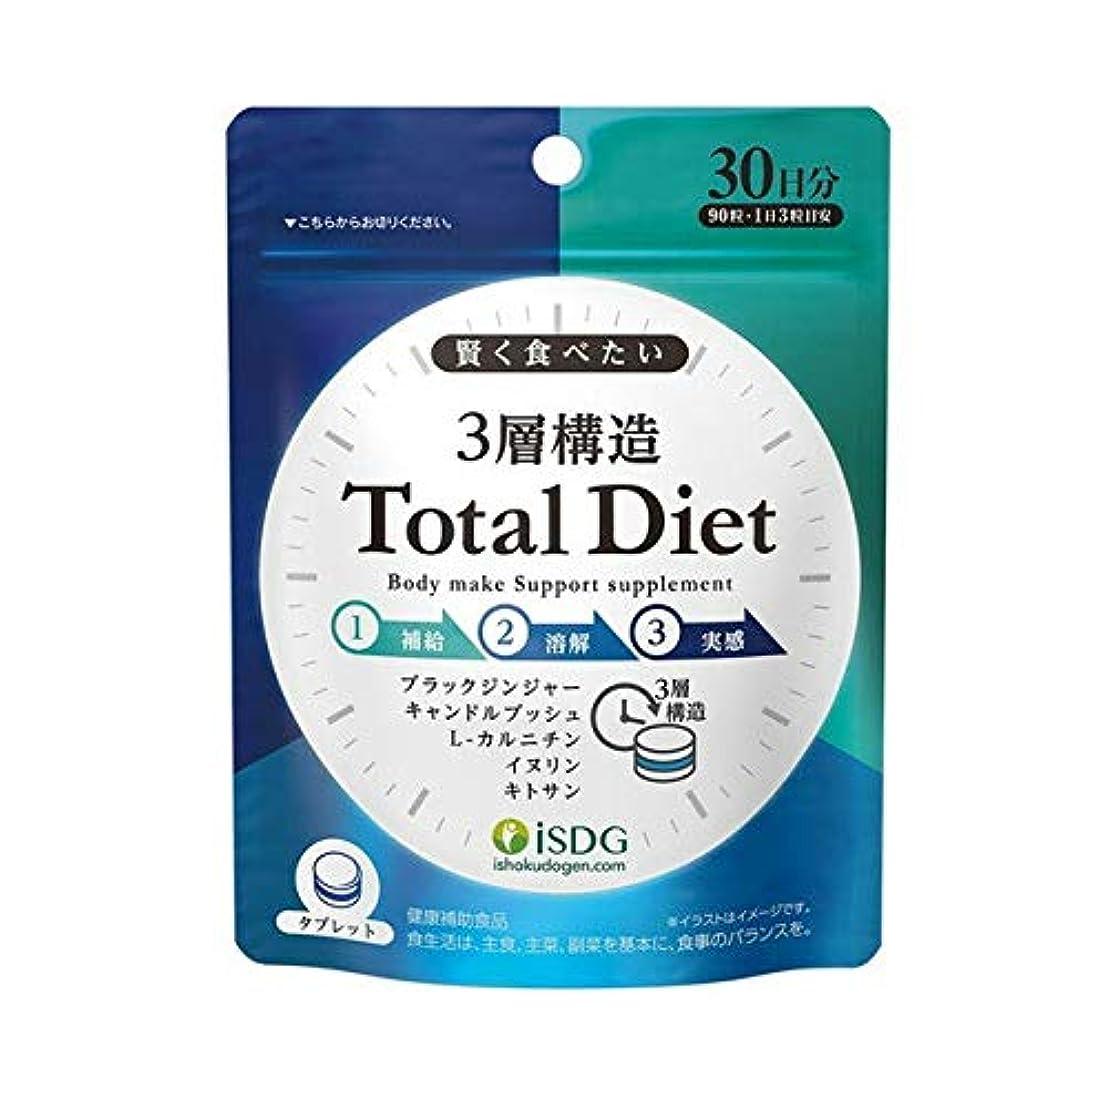 穏やかな褐色パイント医食同源ドットコム ISDG 3層構造 Total Diet 90粒入 トータル ダイエット×10個セット